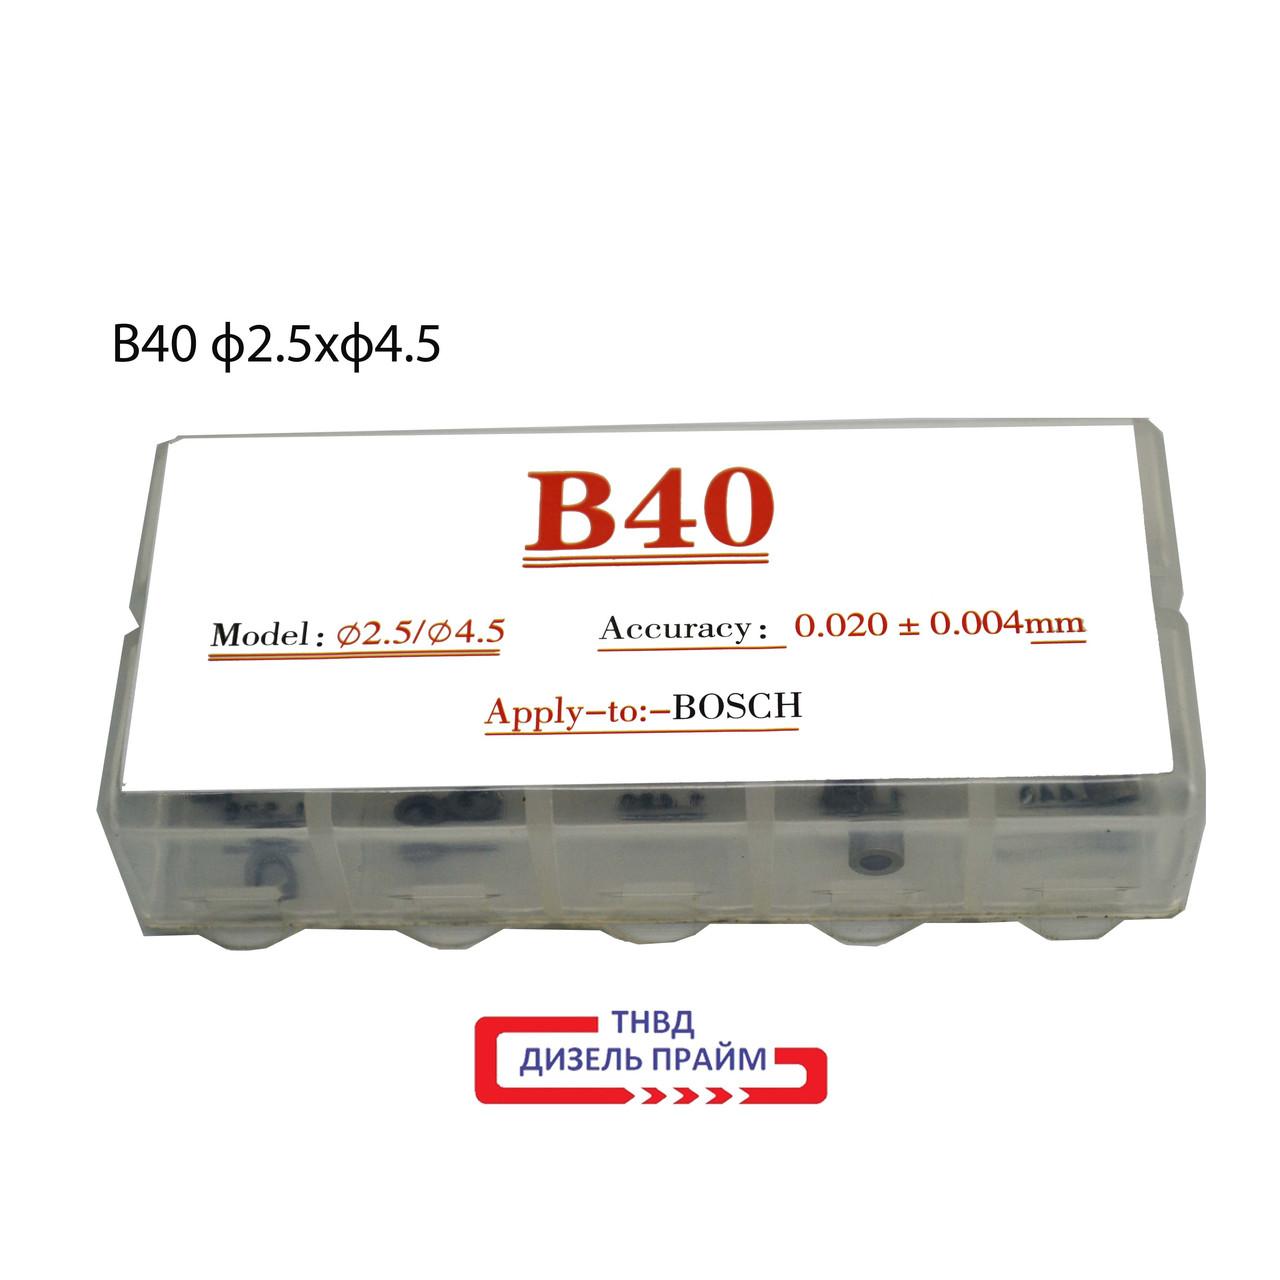 Ø 2,5х4,5 мм (B40) Регулювальна шайба форсунки Common Rail Bosch 0,02 мм 1,460-1,640 мм. 200 шт.